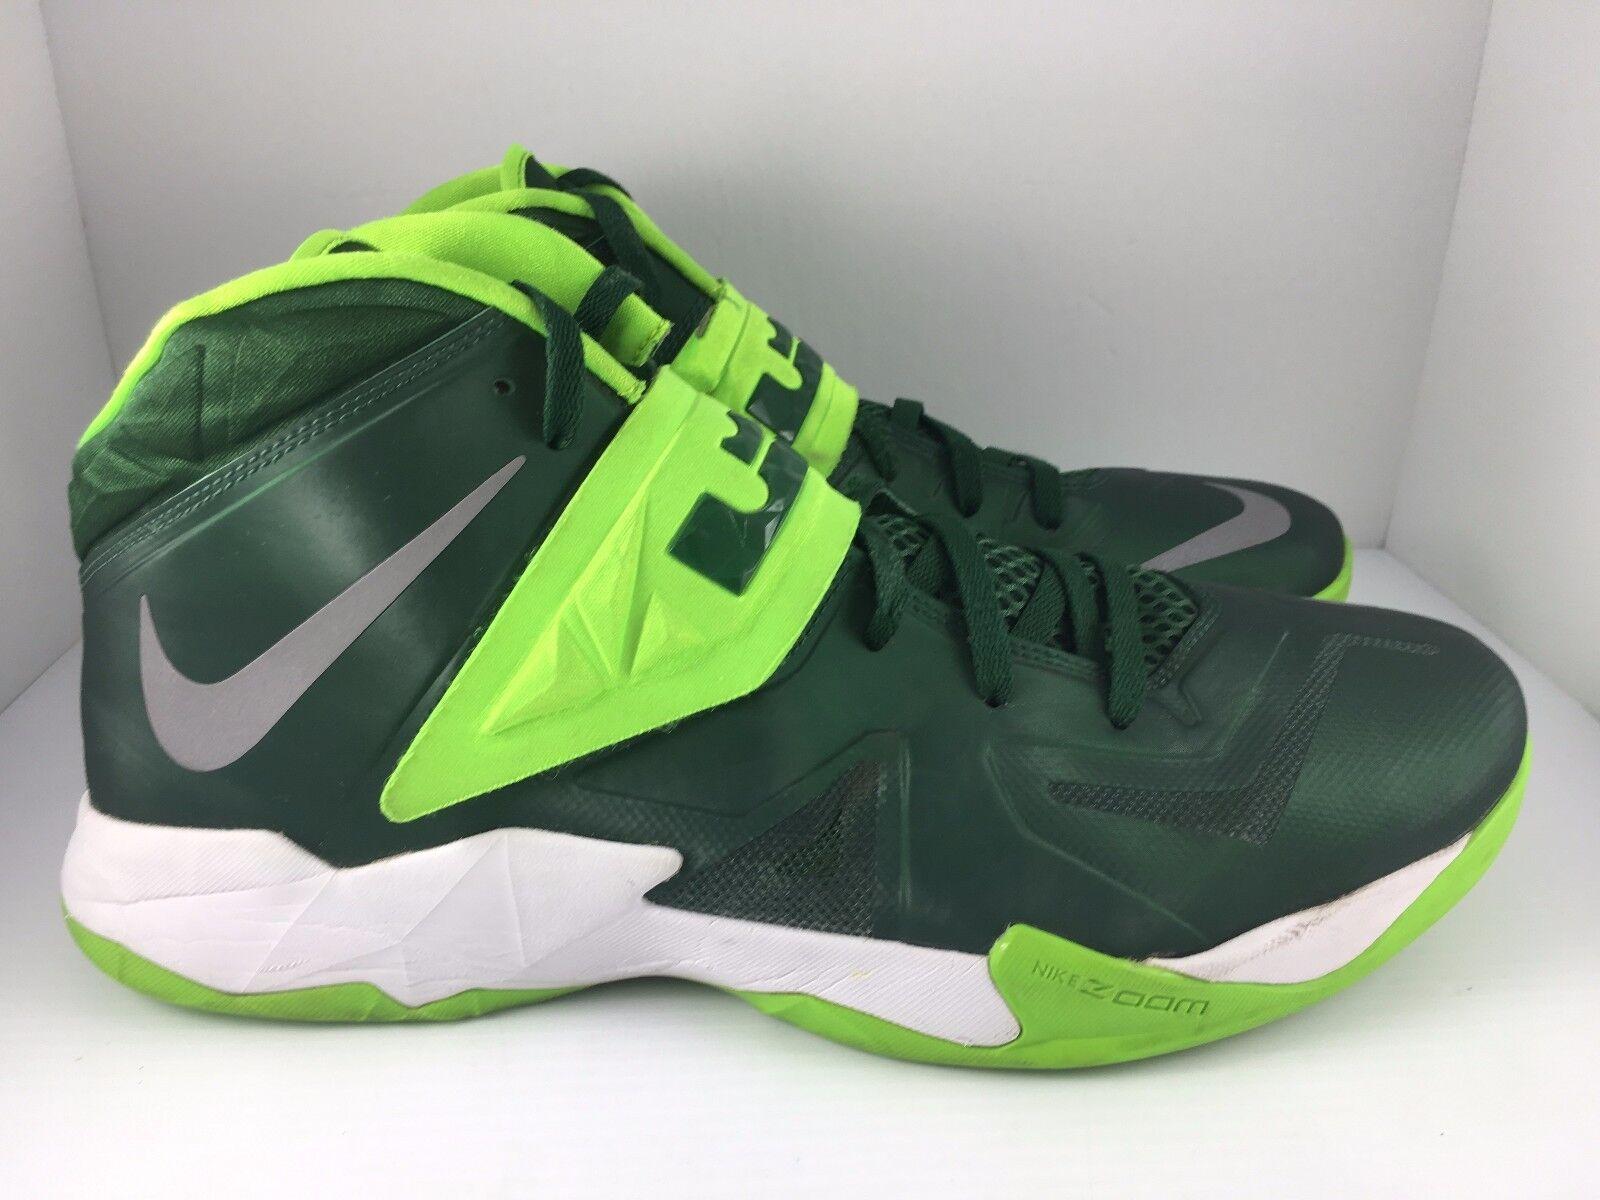 Nike zoom zoom zoom soldato vii 7 tbc uomini noi 15,5 verde   scarpe bianche (599263-300) j40   Eccezionale  2c071e